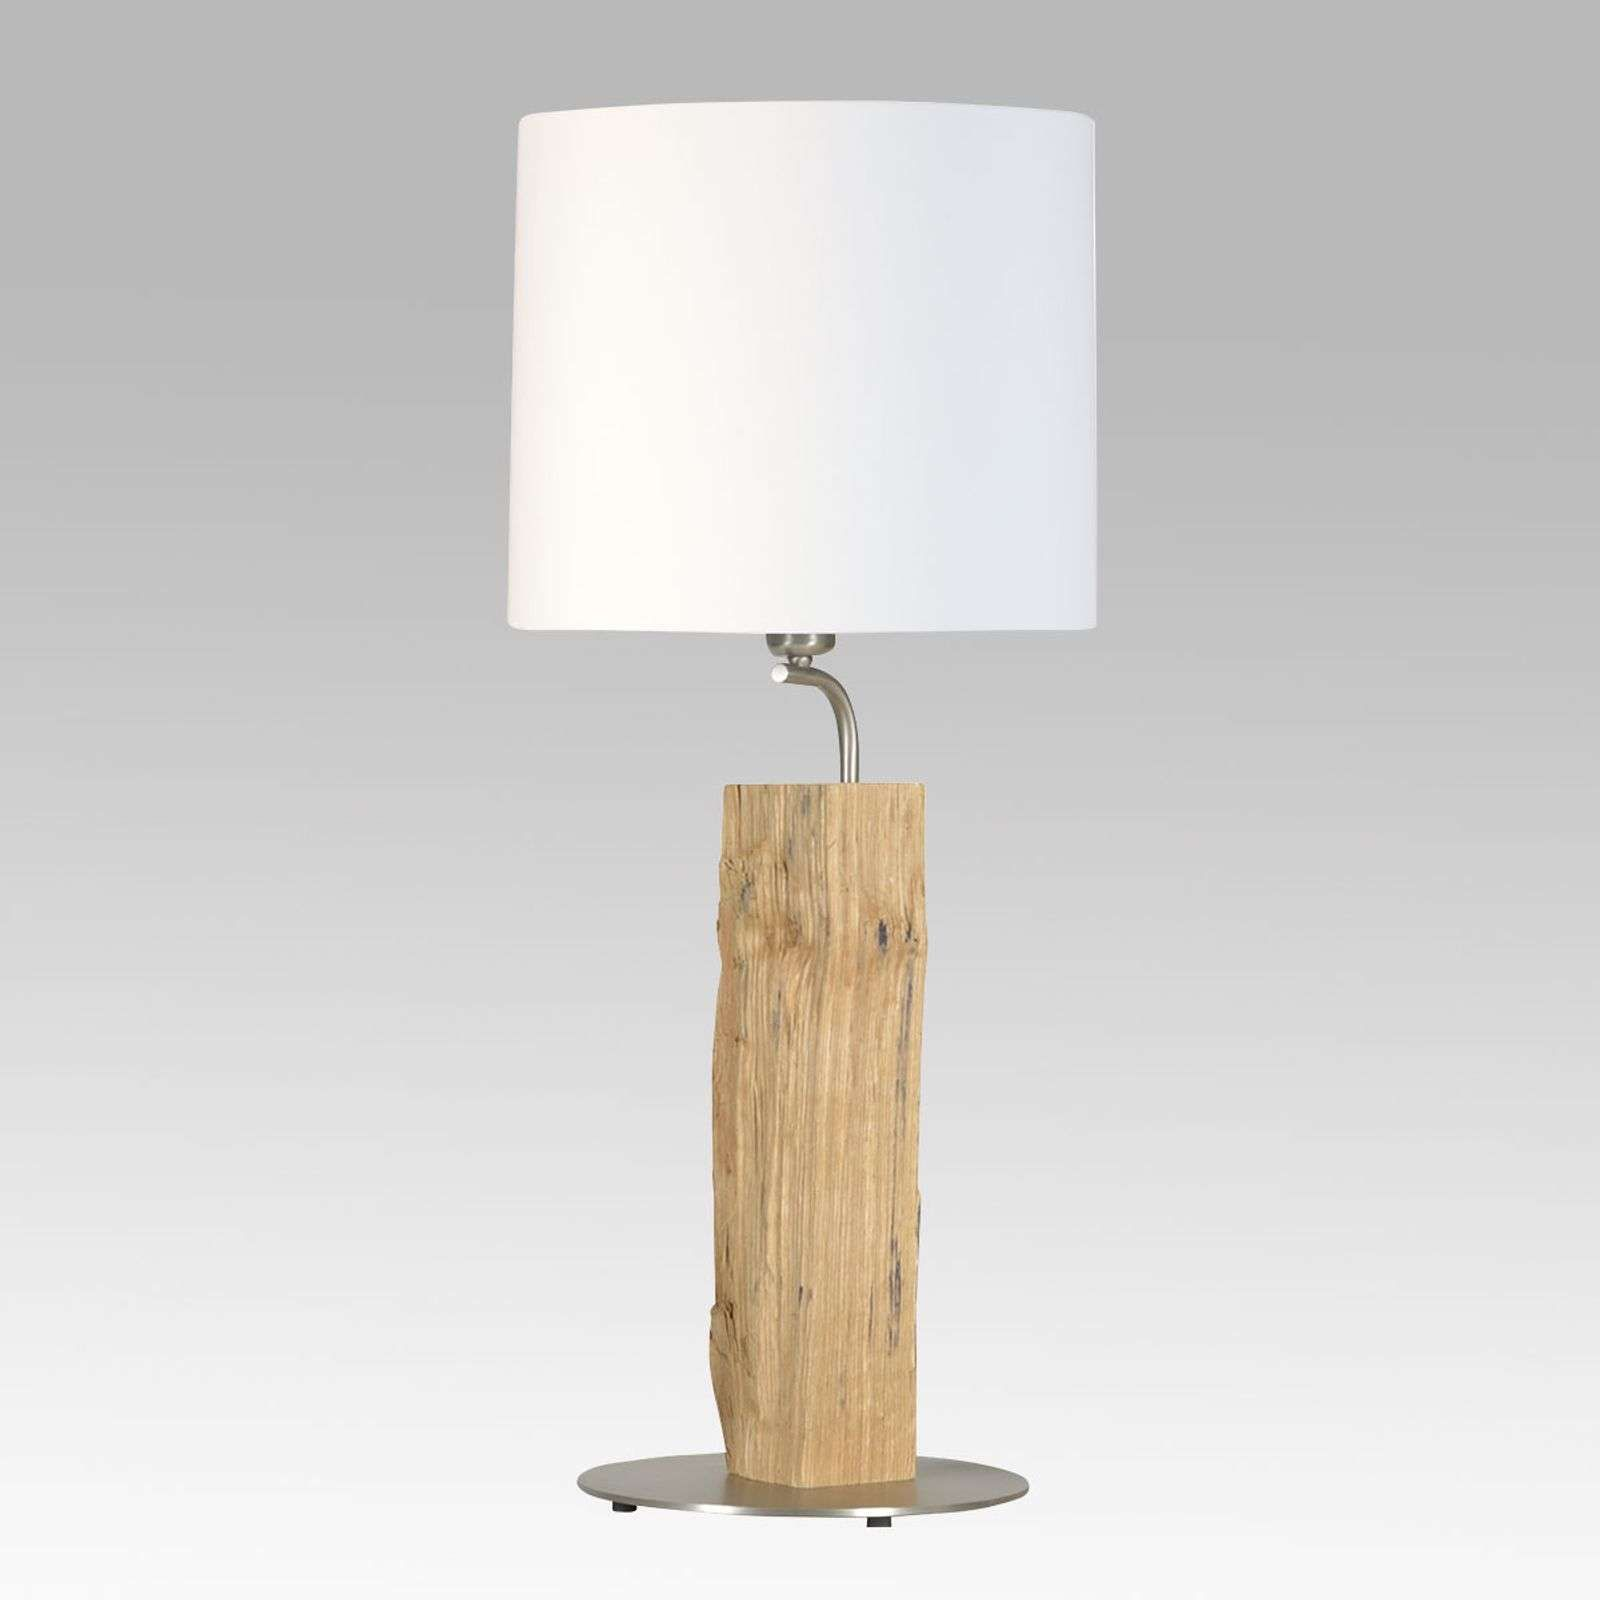 Neuer Kavalier Tafellamp Met Houtelement 56 Cm Van Herzblut In 2020 Tafellamp Natuurlijk Hout Lampenvoet